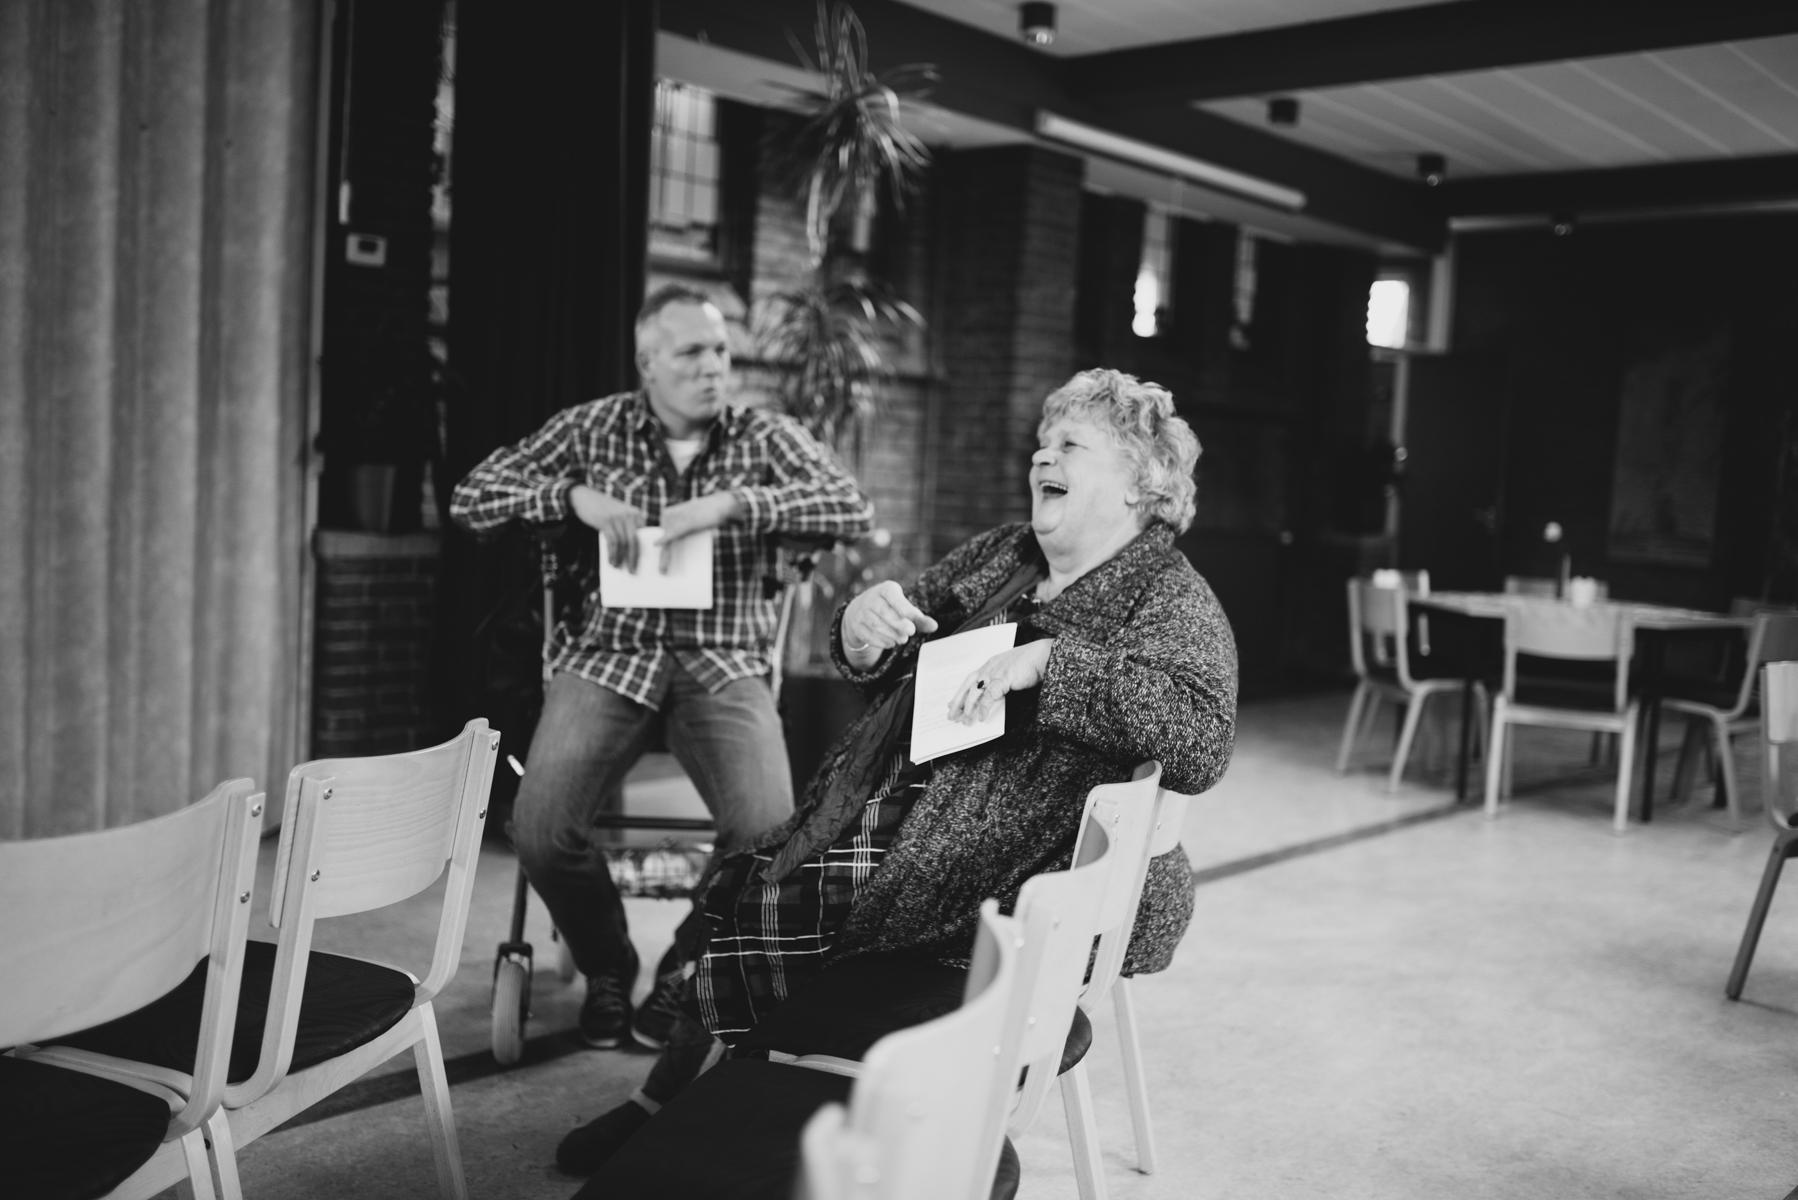 Fotografie van doop, belijdenis en trouwdienst van Janine en Arjen (27 van 55)